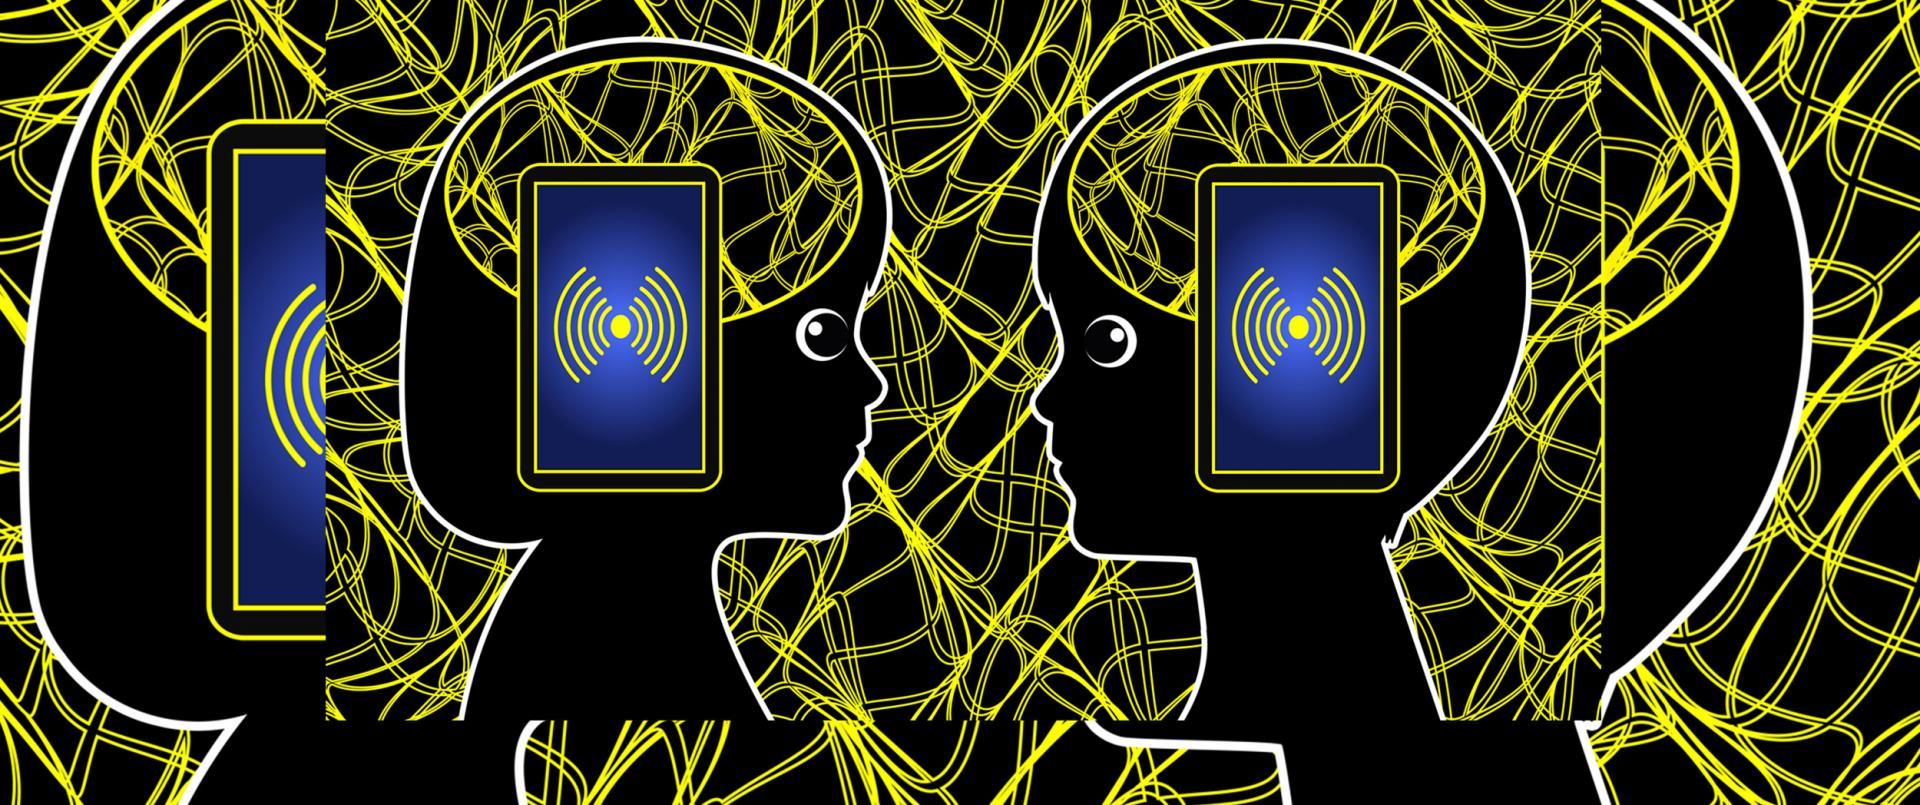 Radiazioni cellulari: nessun impatto per gli esseri umani dice un nuovo studio